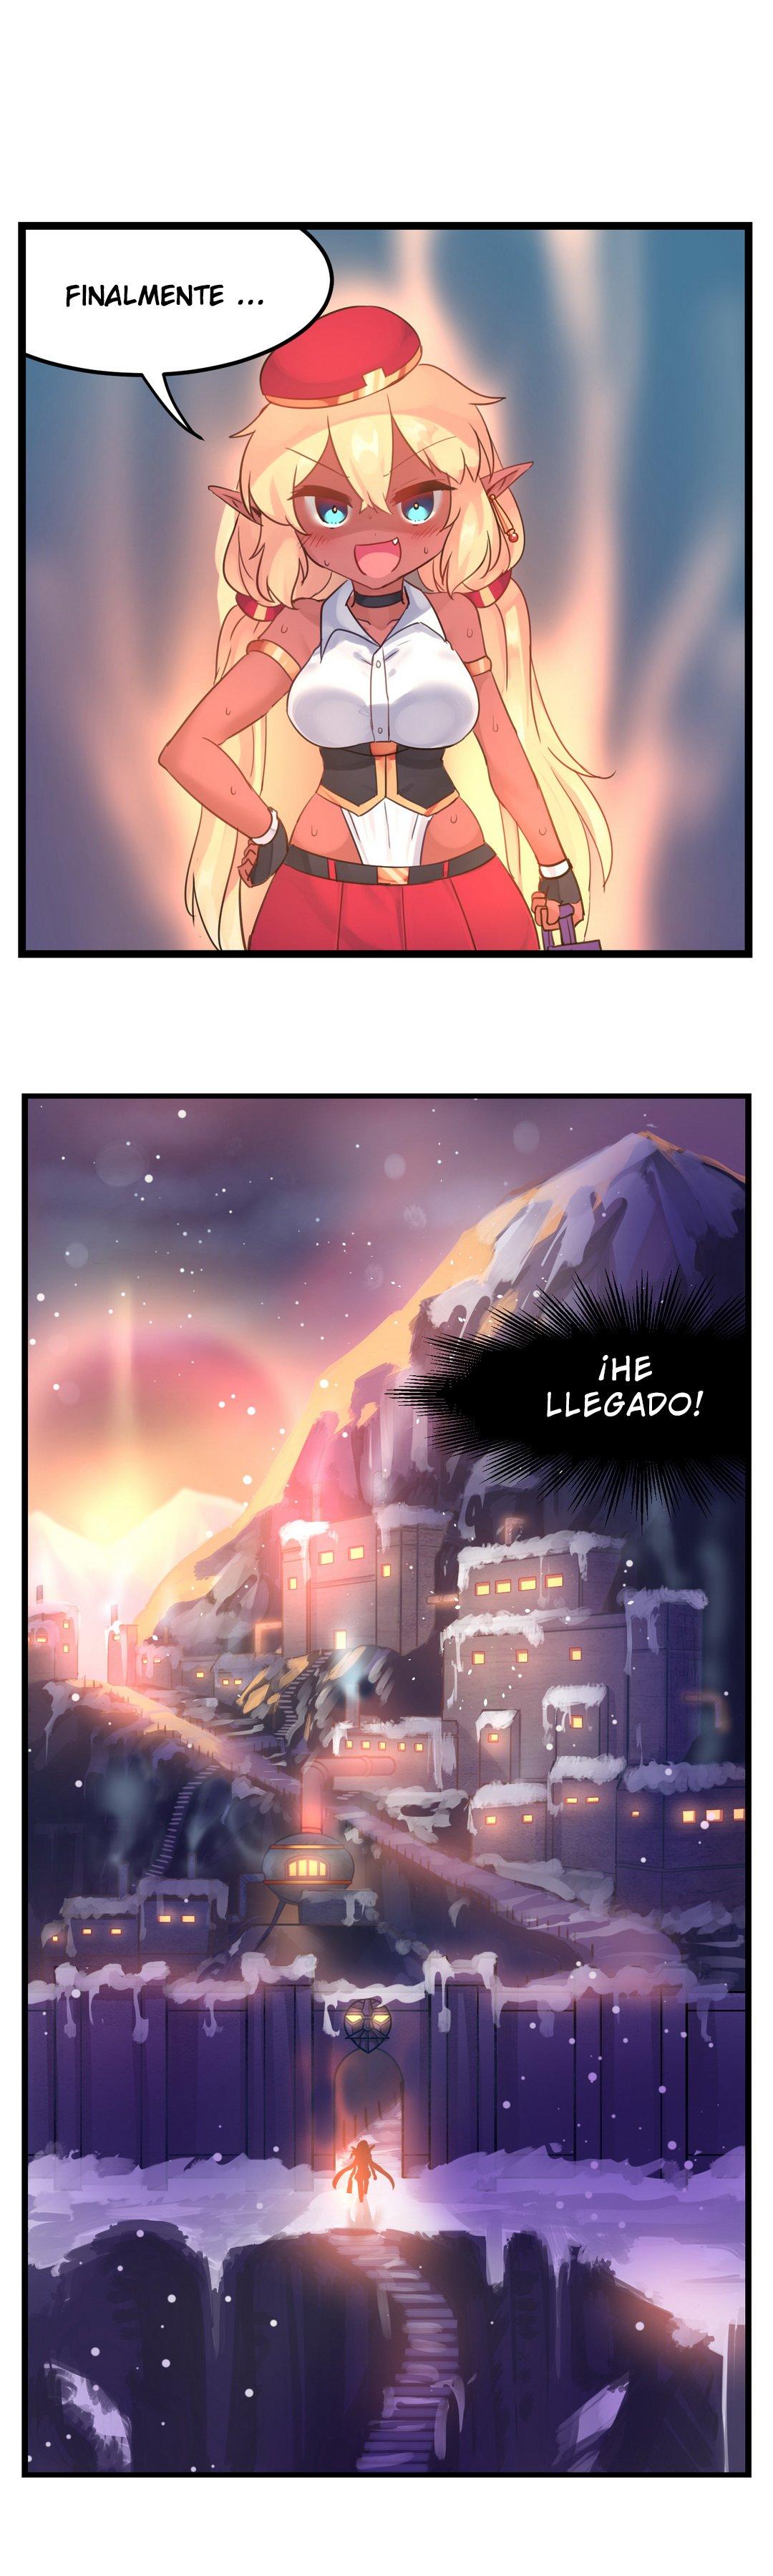 https://nine.mangadogs.com/es_manga/pic8/60/35132/931555/dfe8df8fc9712f0825e6c949470567b7.jpg Page 1